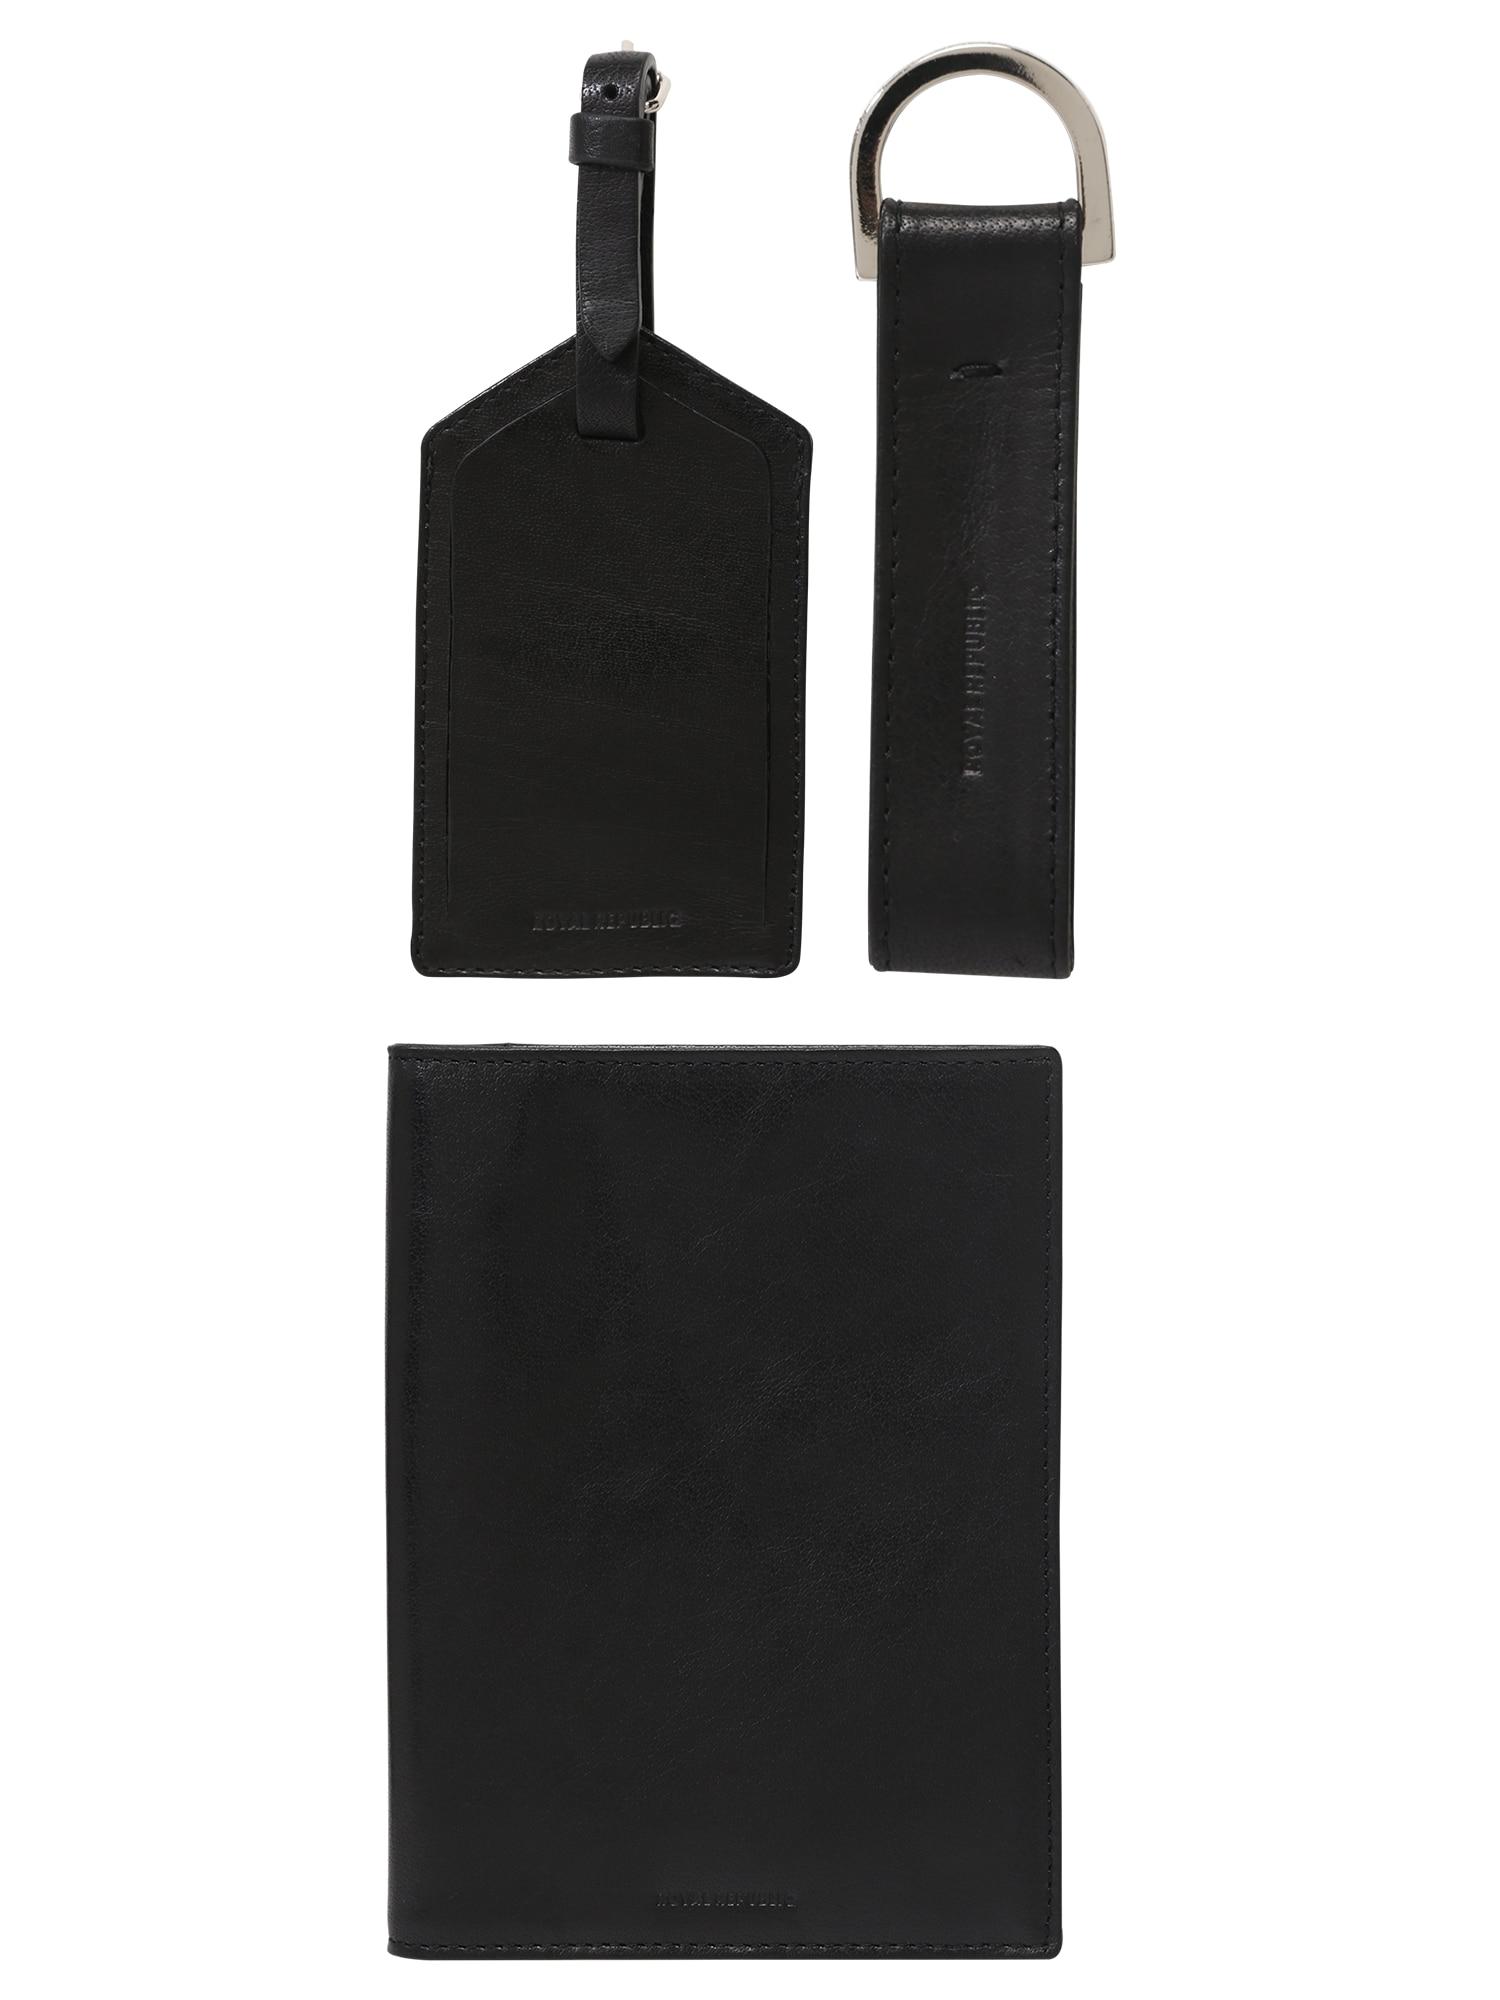 Peněženka Traveller Gift Box černá ROYAL REPUBLIQ